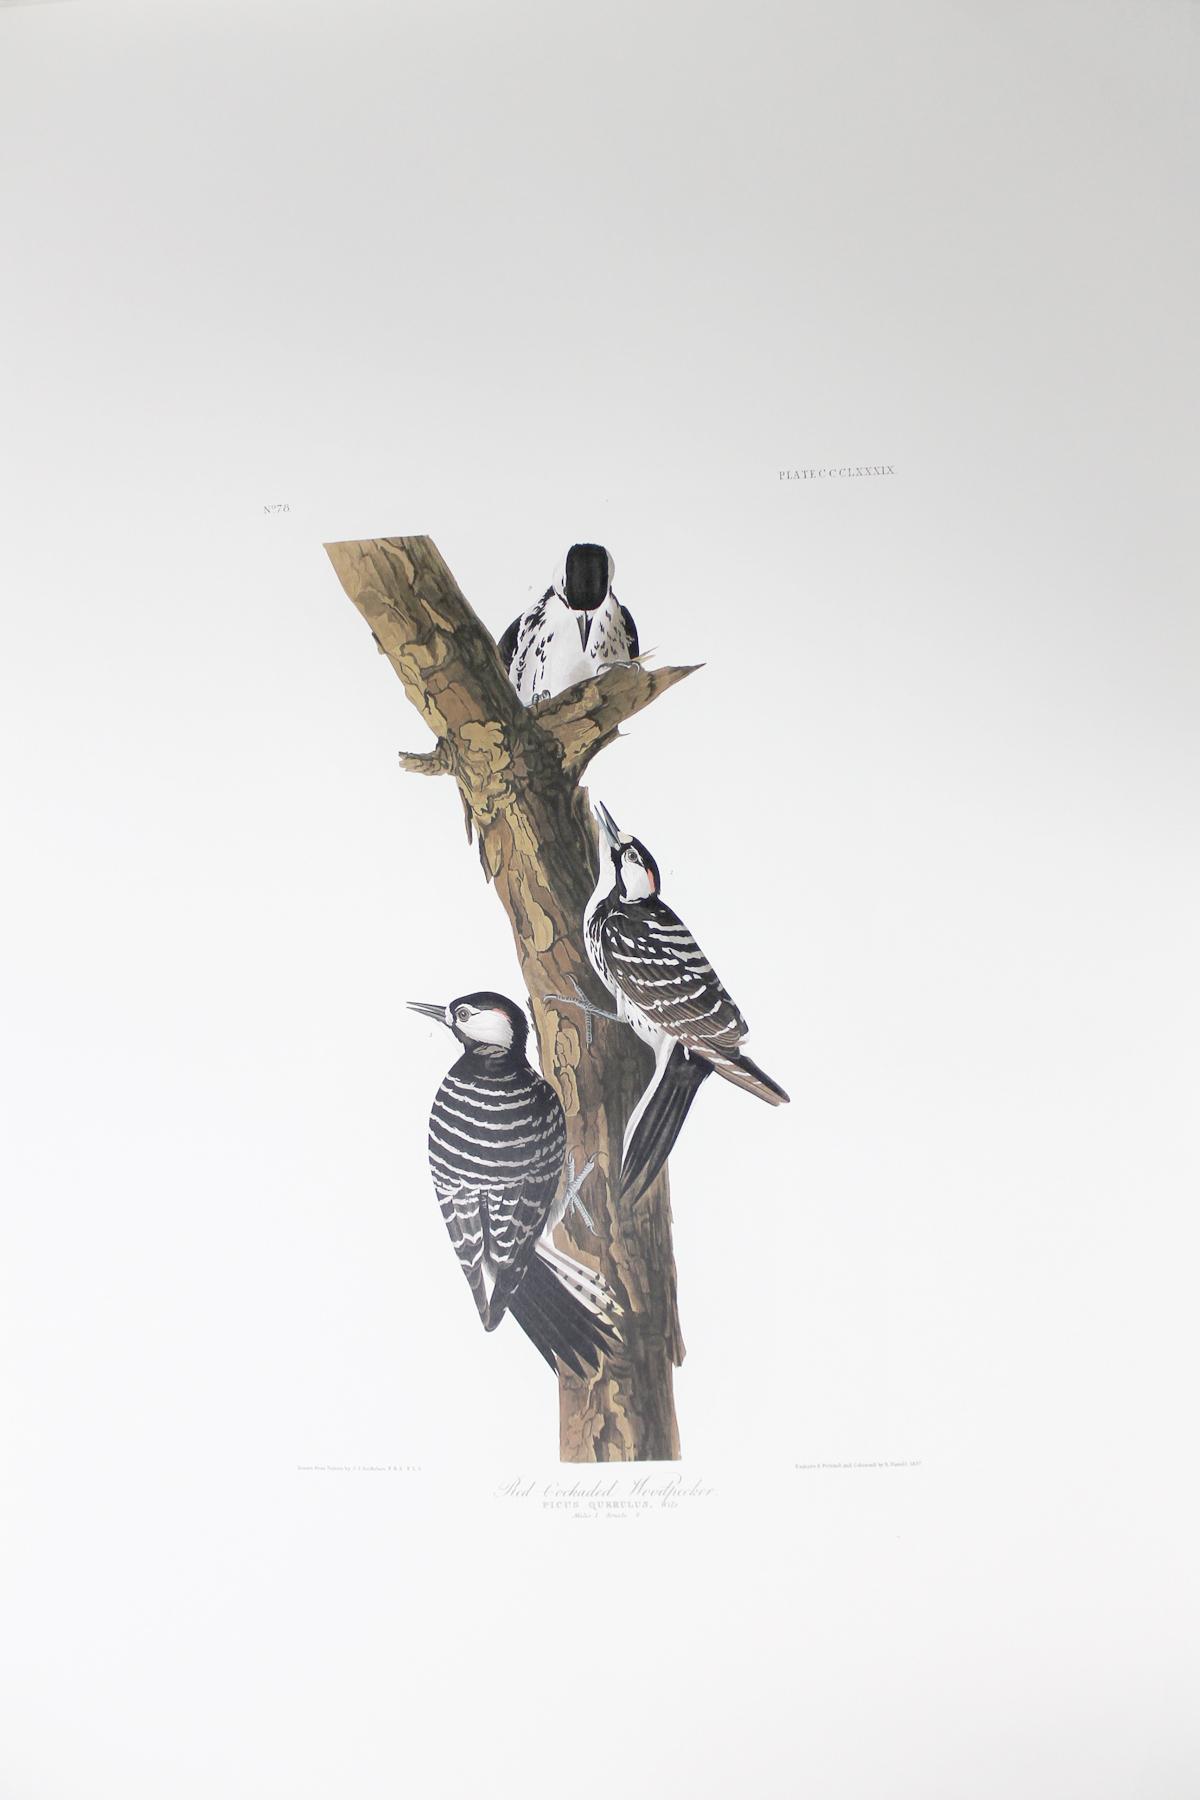 Red Cockaded Woodpecker (CCCLXXXIX)